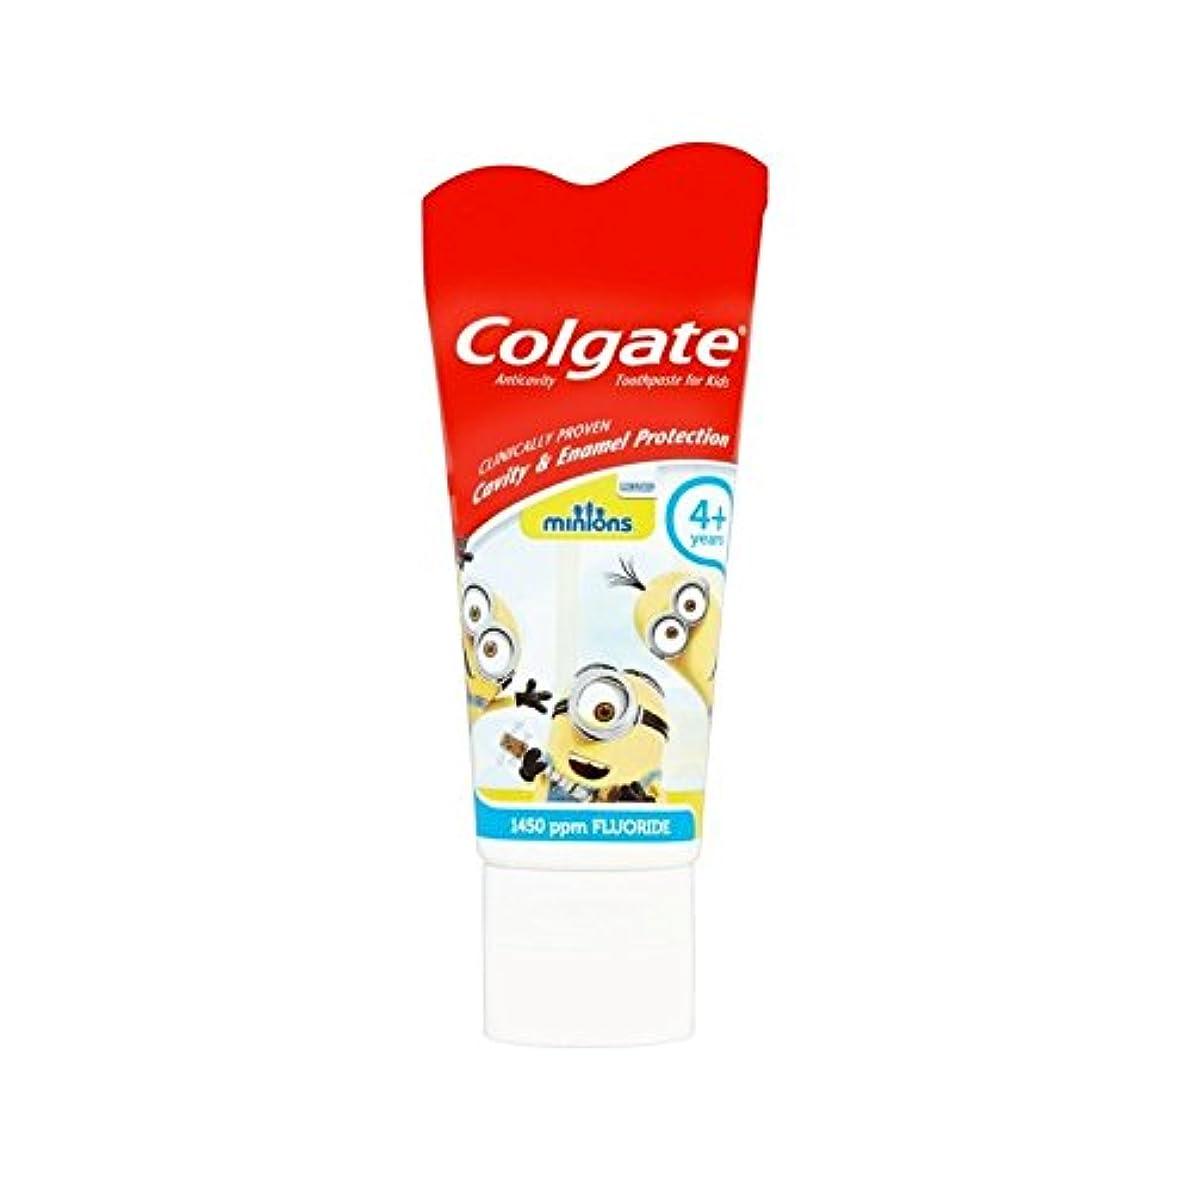 抽象化印刷する炭素手下の子供4+歯磨き粉50ミリリットル (Colgate) (x 6) - Colgate Minions Kids 4+ Toothpaste 50ml (Pack of 6) [並行輸入品]